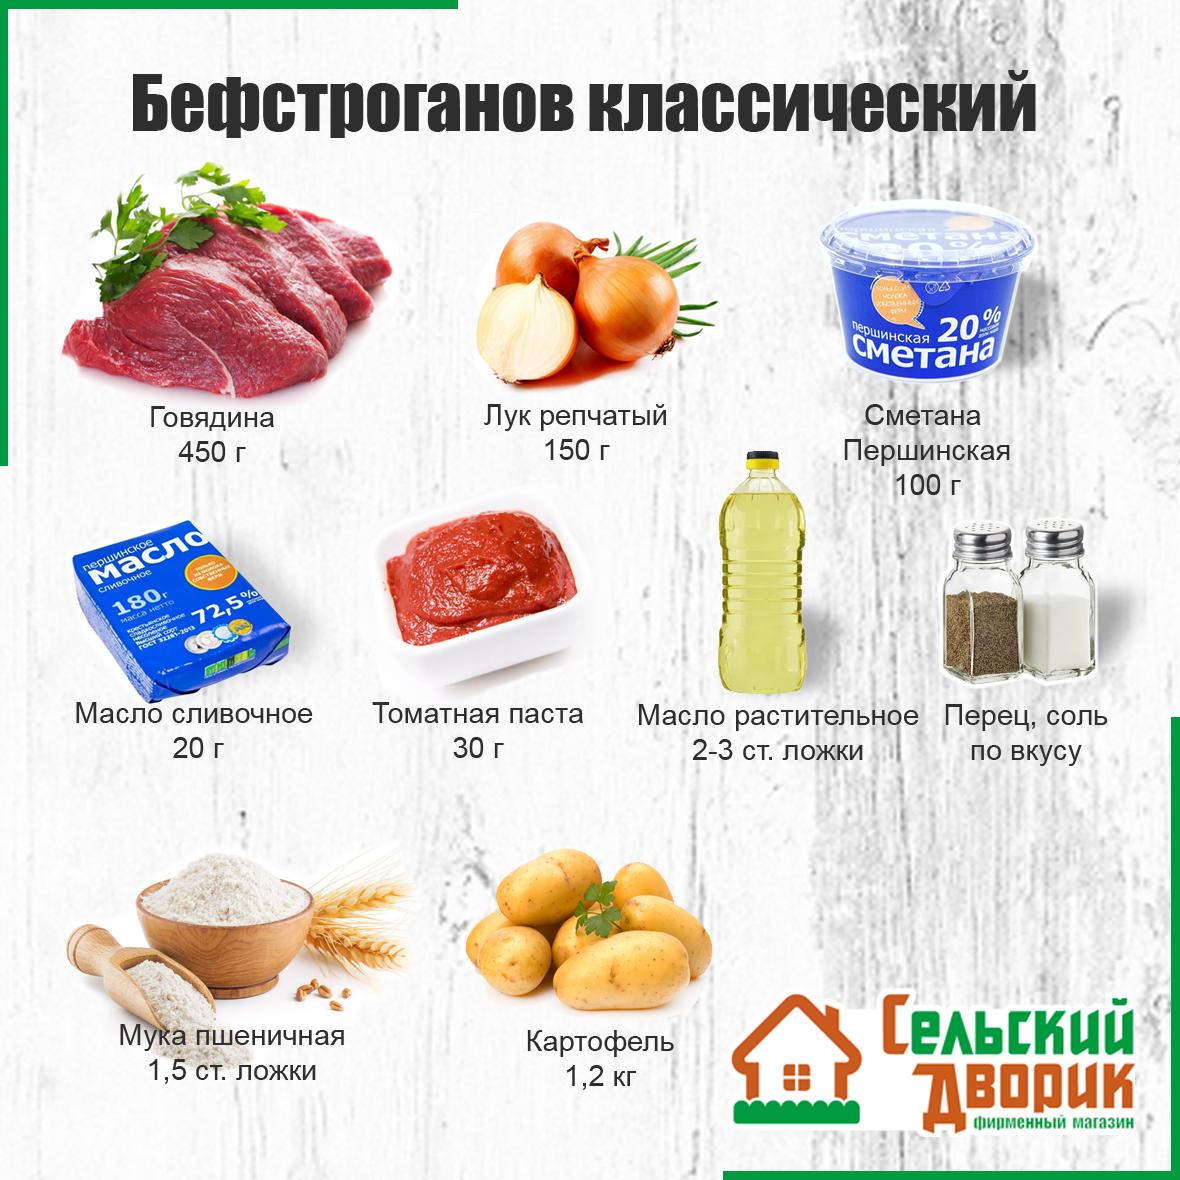 Для классического Бефстроганов: говядина, лук, сметана Тюменьмолоко, масло Першинское, томатная паста, масло мука, картошка